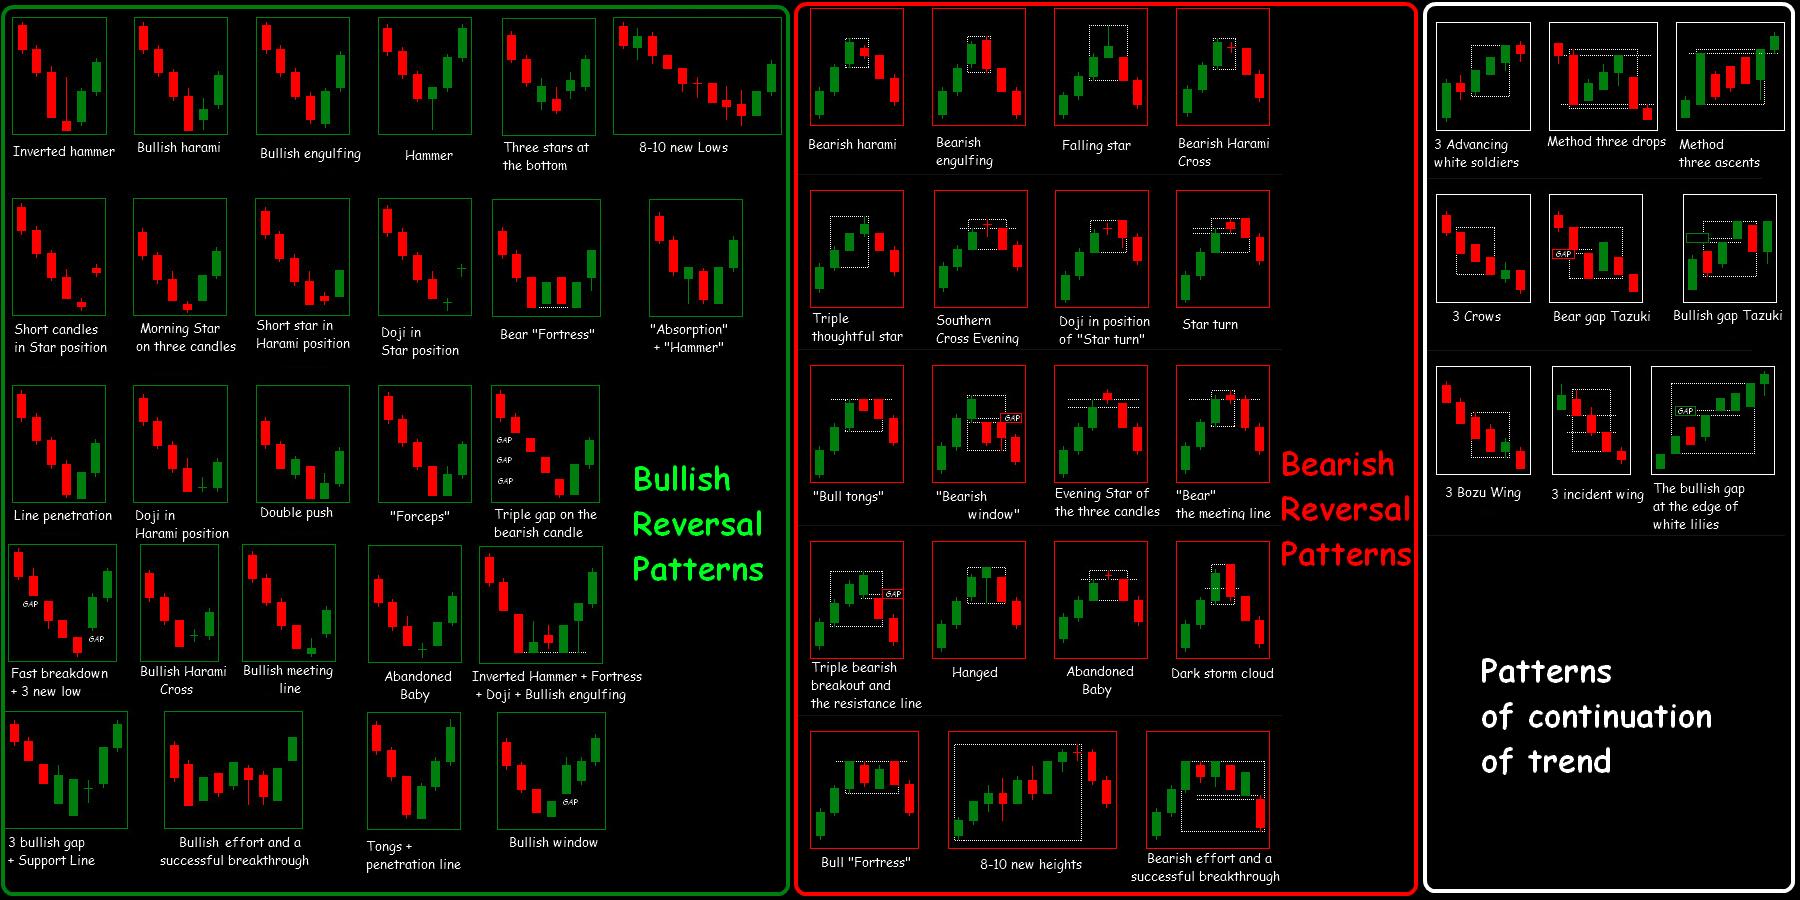 bináris opciós kereskedő kereskedési terve optek kereskedési platform vélemények